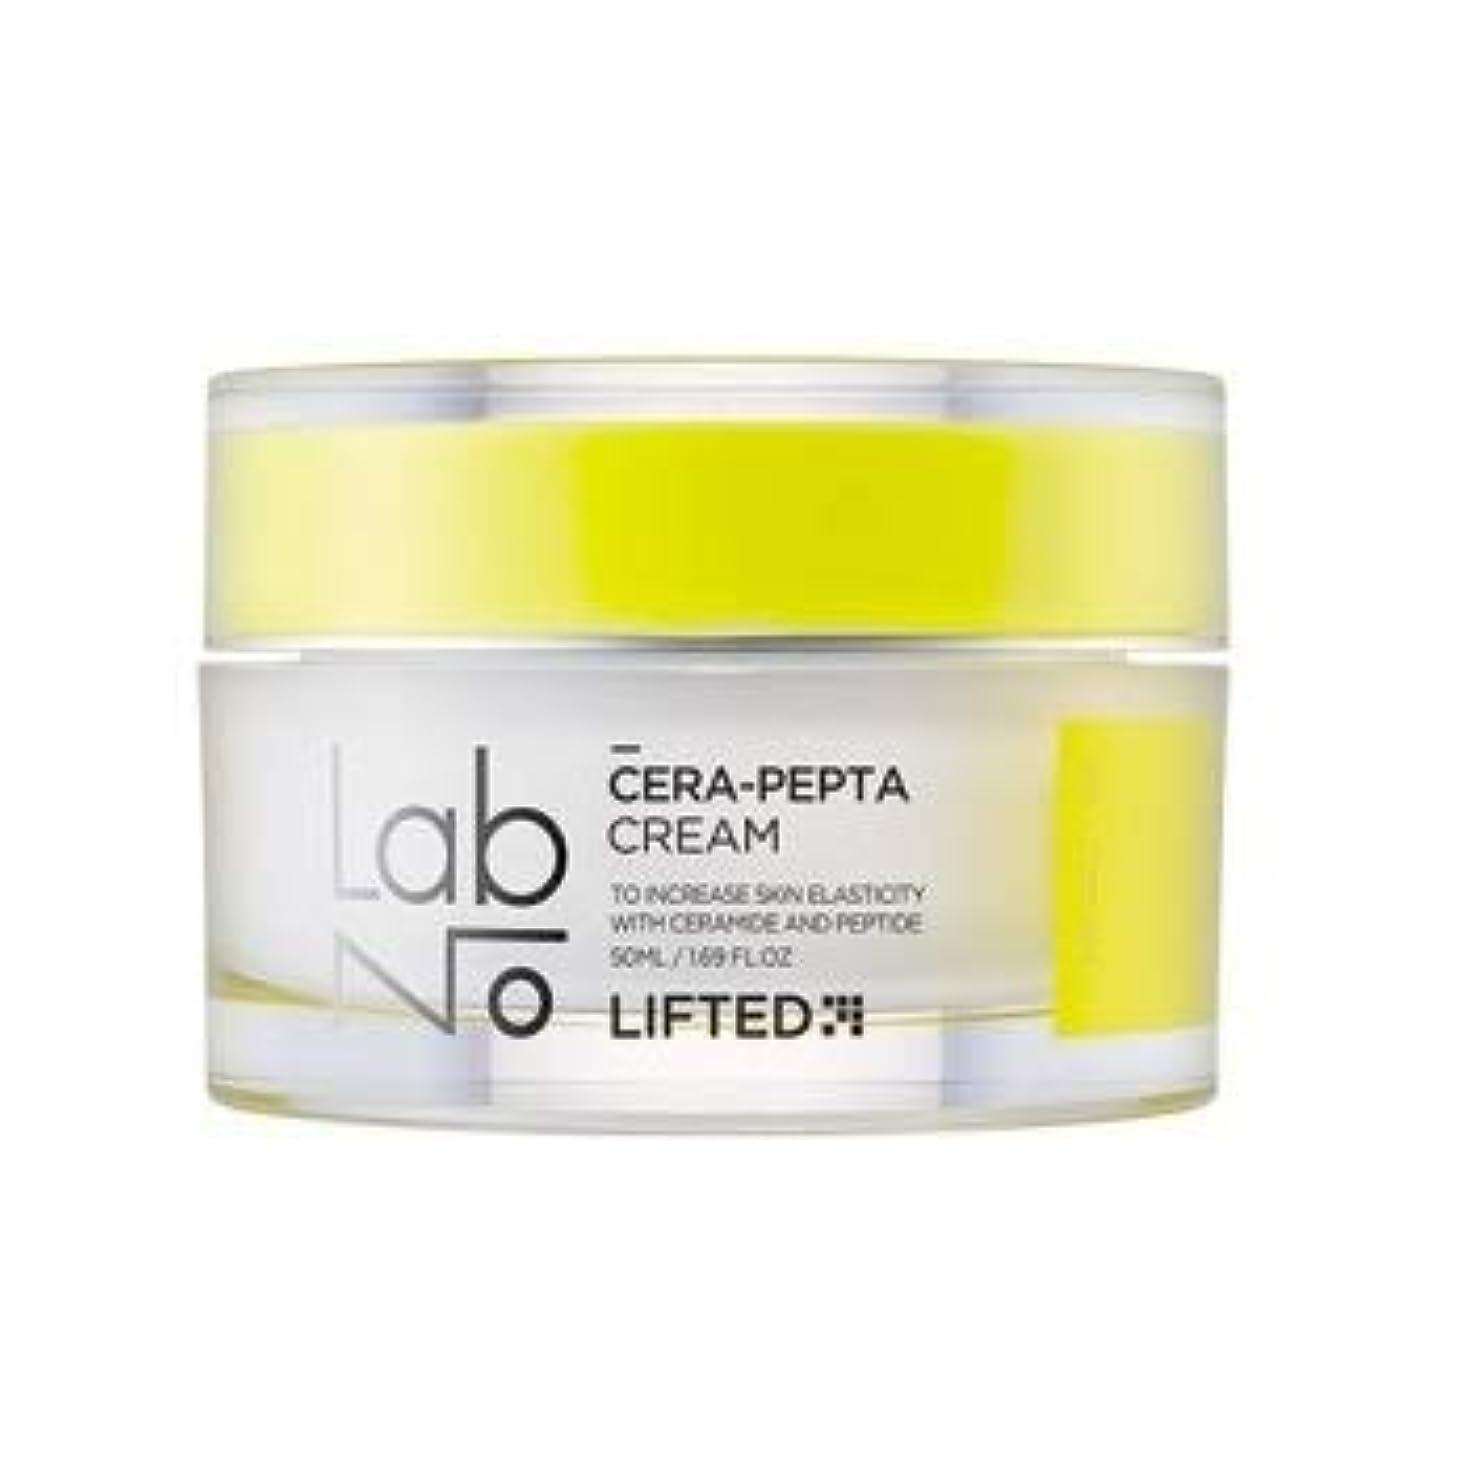 下品最小男やもめLabNo リフテッド セラ-ペプタ クリーム / Lifted Sera-Pepta Cream (50ml) [並行輸入品]